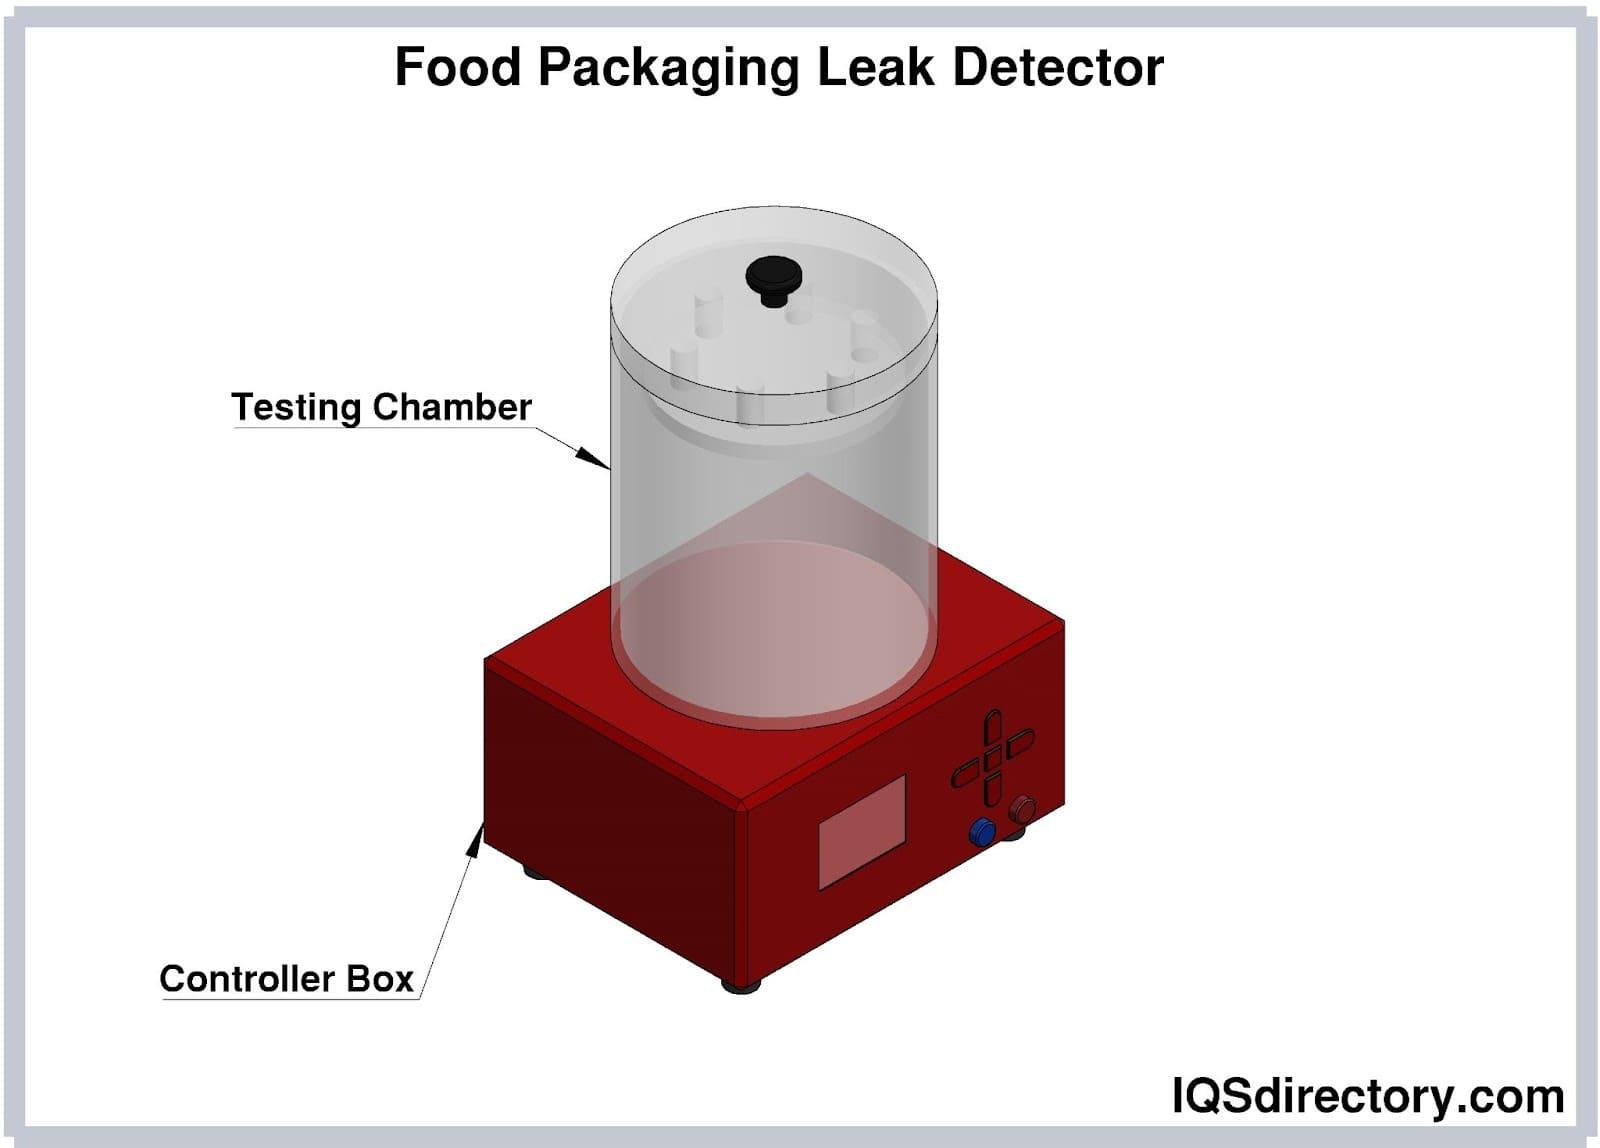 Food Packaging Leak Detector